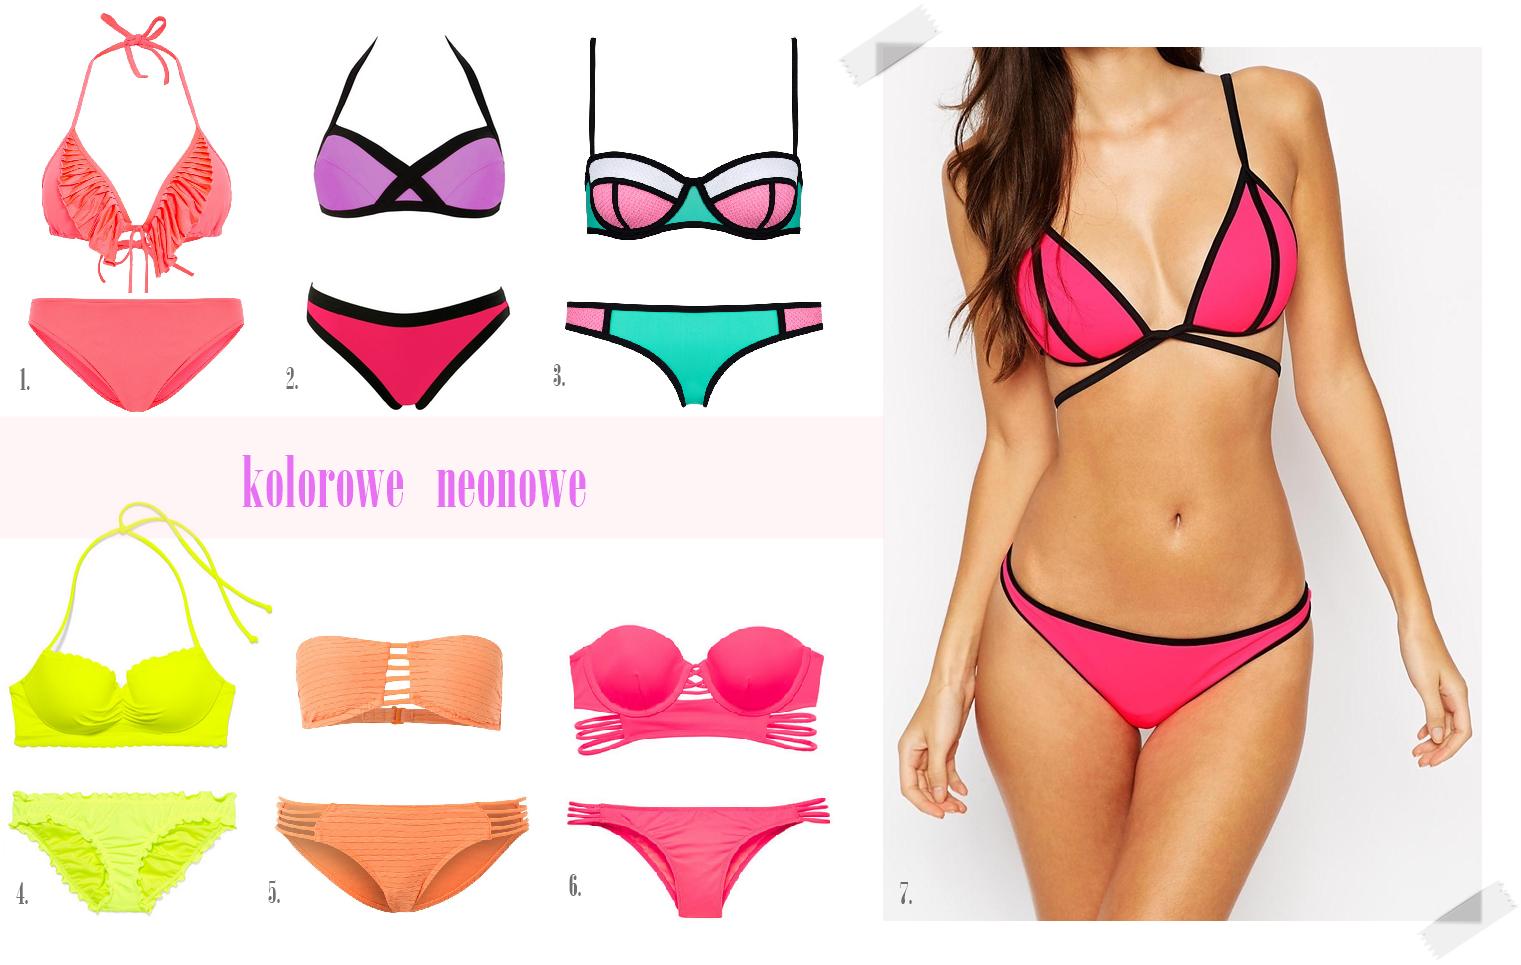 180ee8a2b0ff14 Jaki strój kąpielowy/bikini kupić? LATO 2015